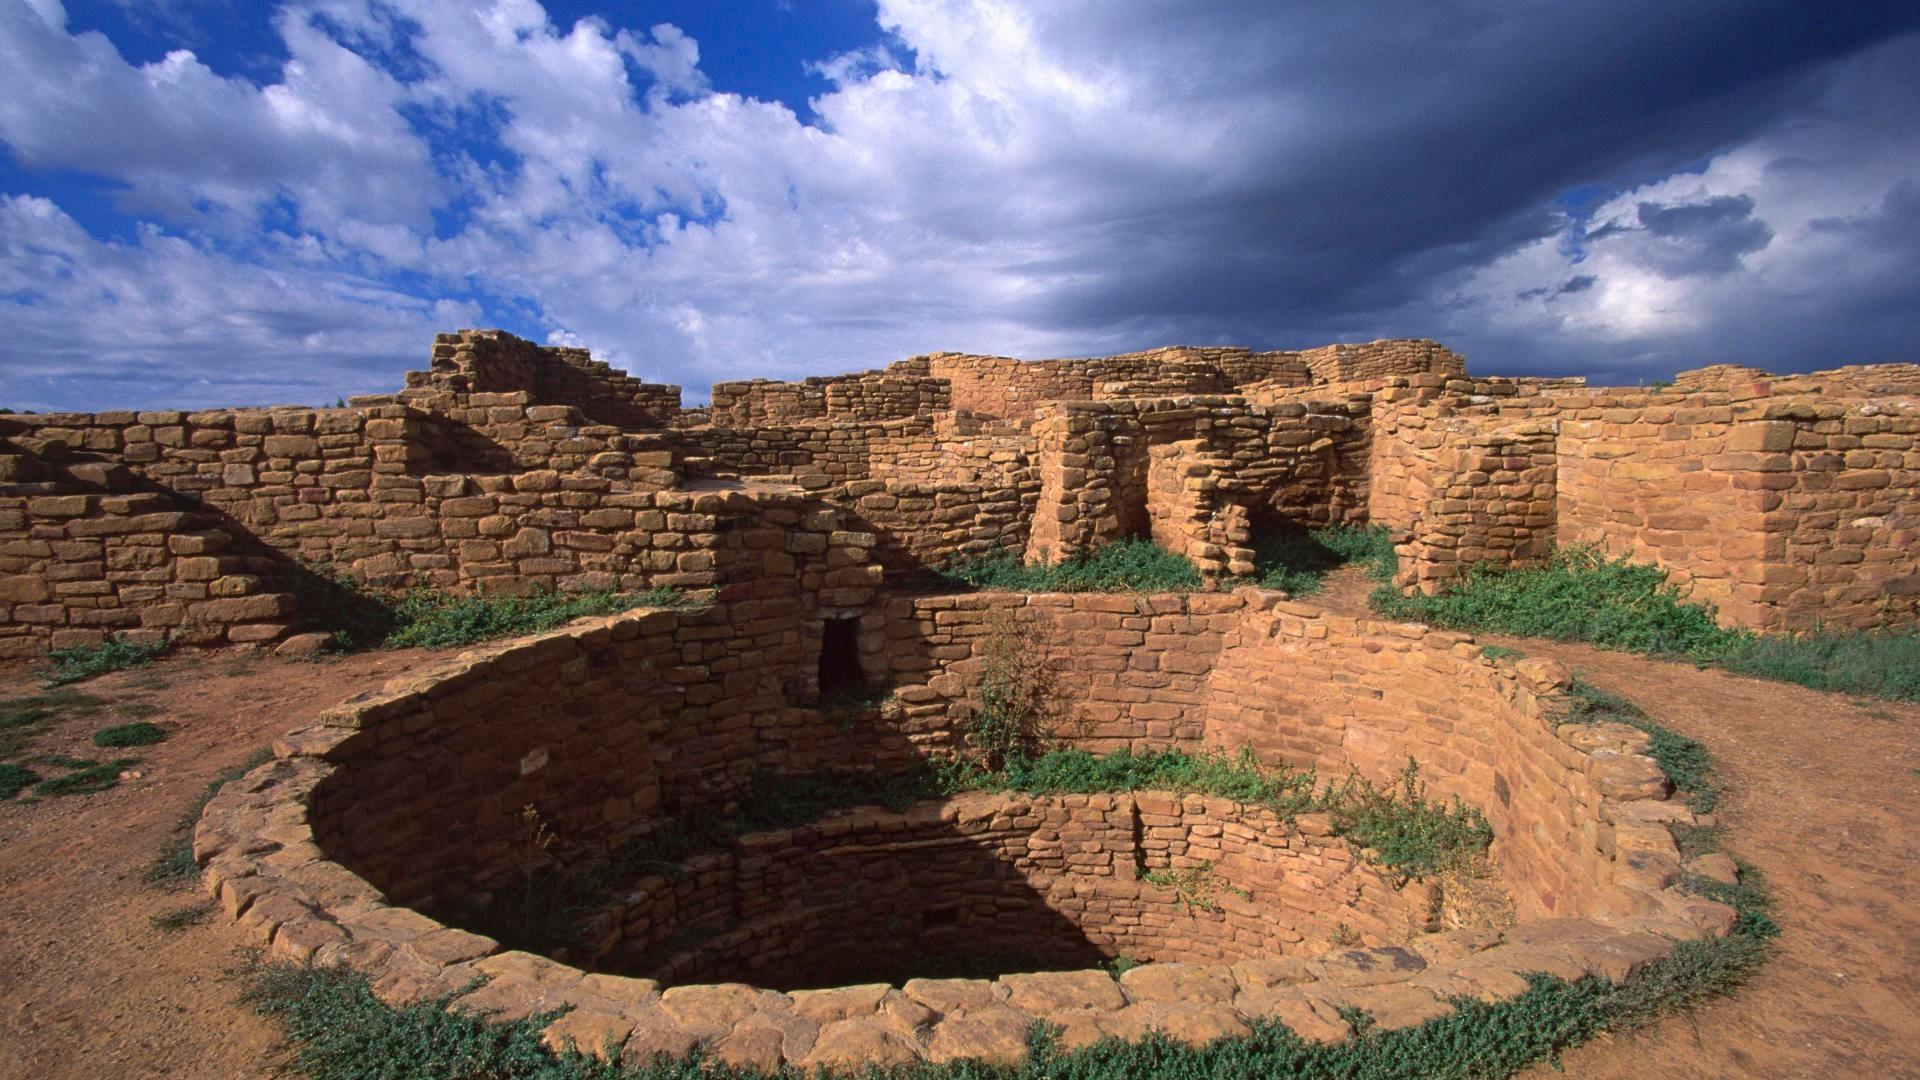 Скальный дворец Меса Верде жилище древних индейцев племен анасази